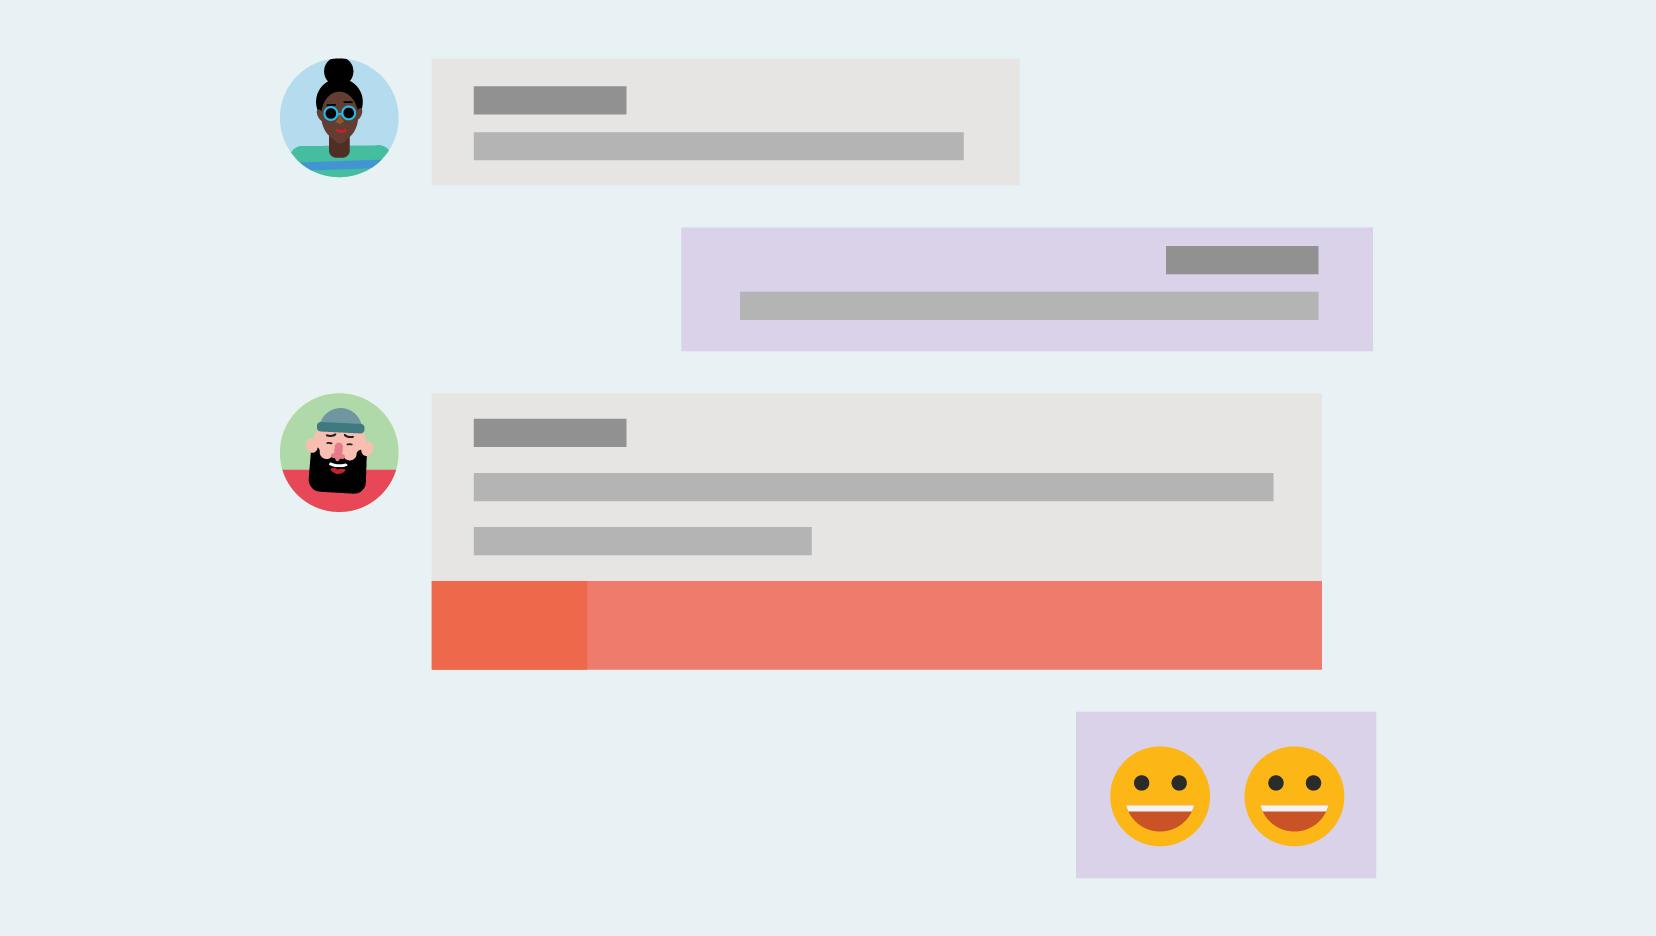 การสนทนาในทีม